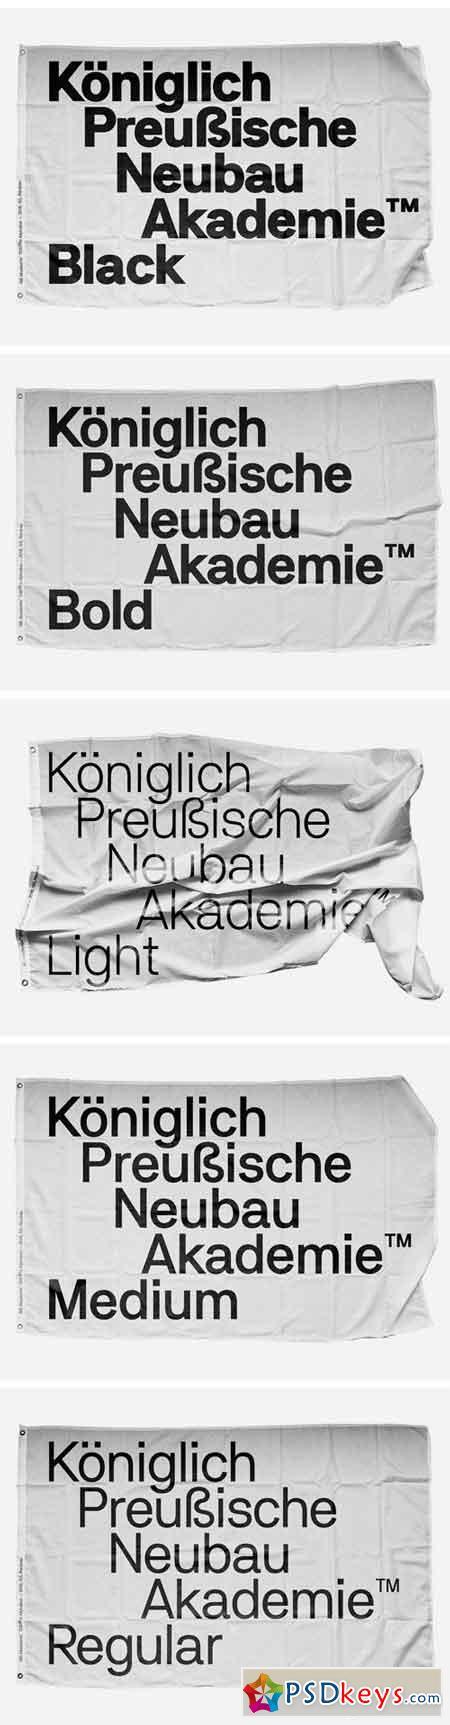 NB Akademie Font Family